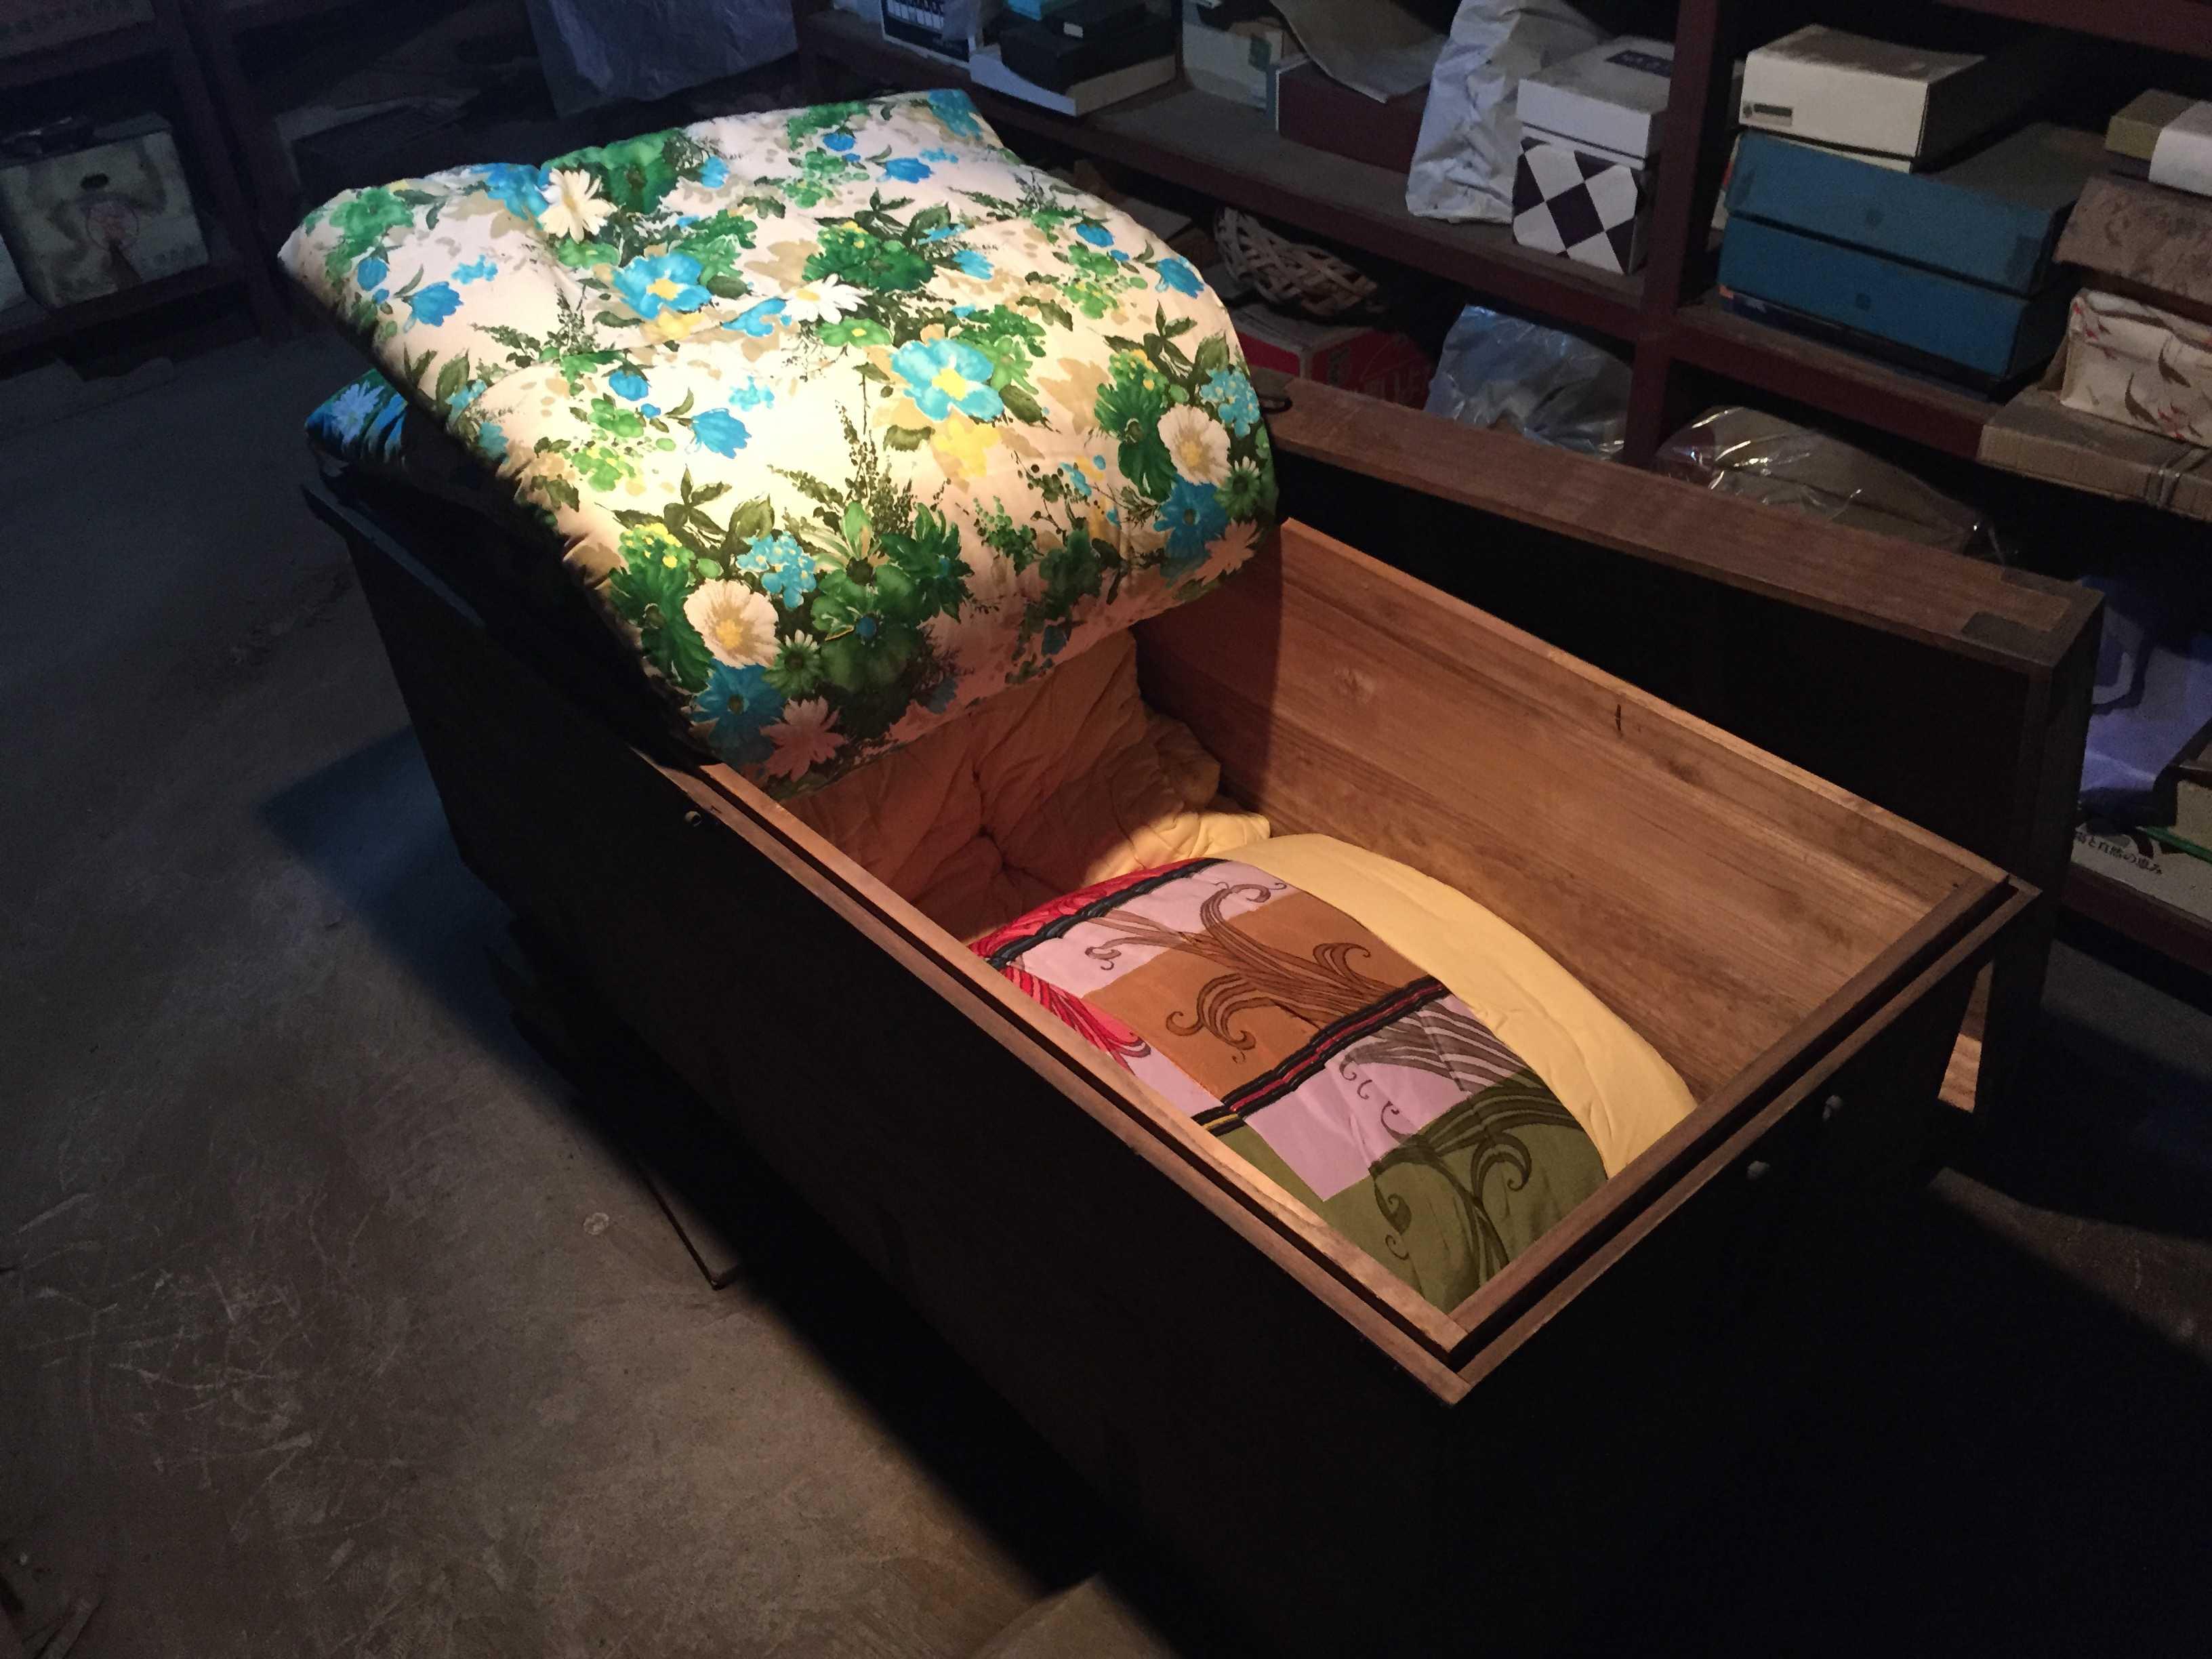 かけぶとん - 昭和42年当時の宝物